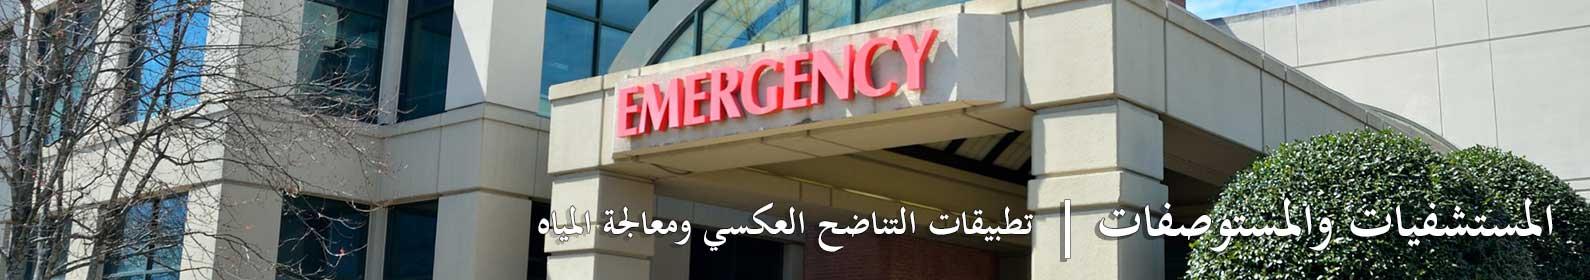 -hospital-industry.jpg